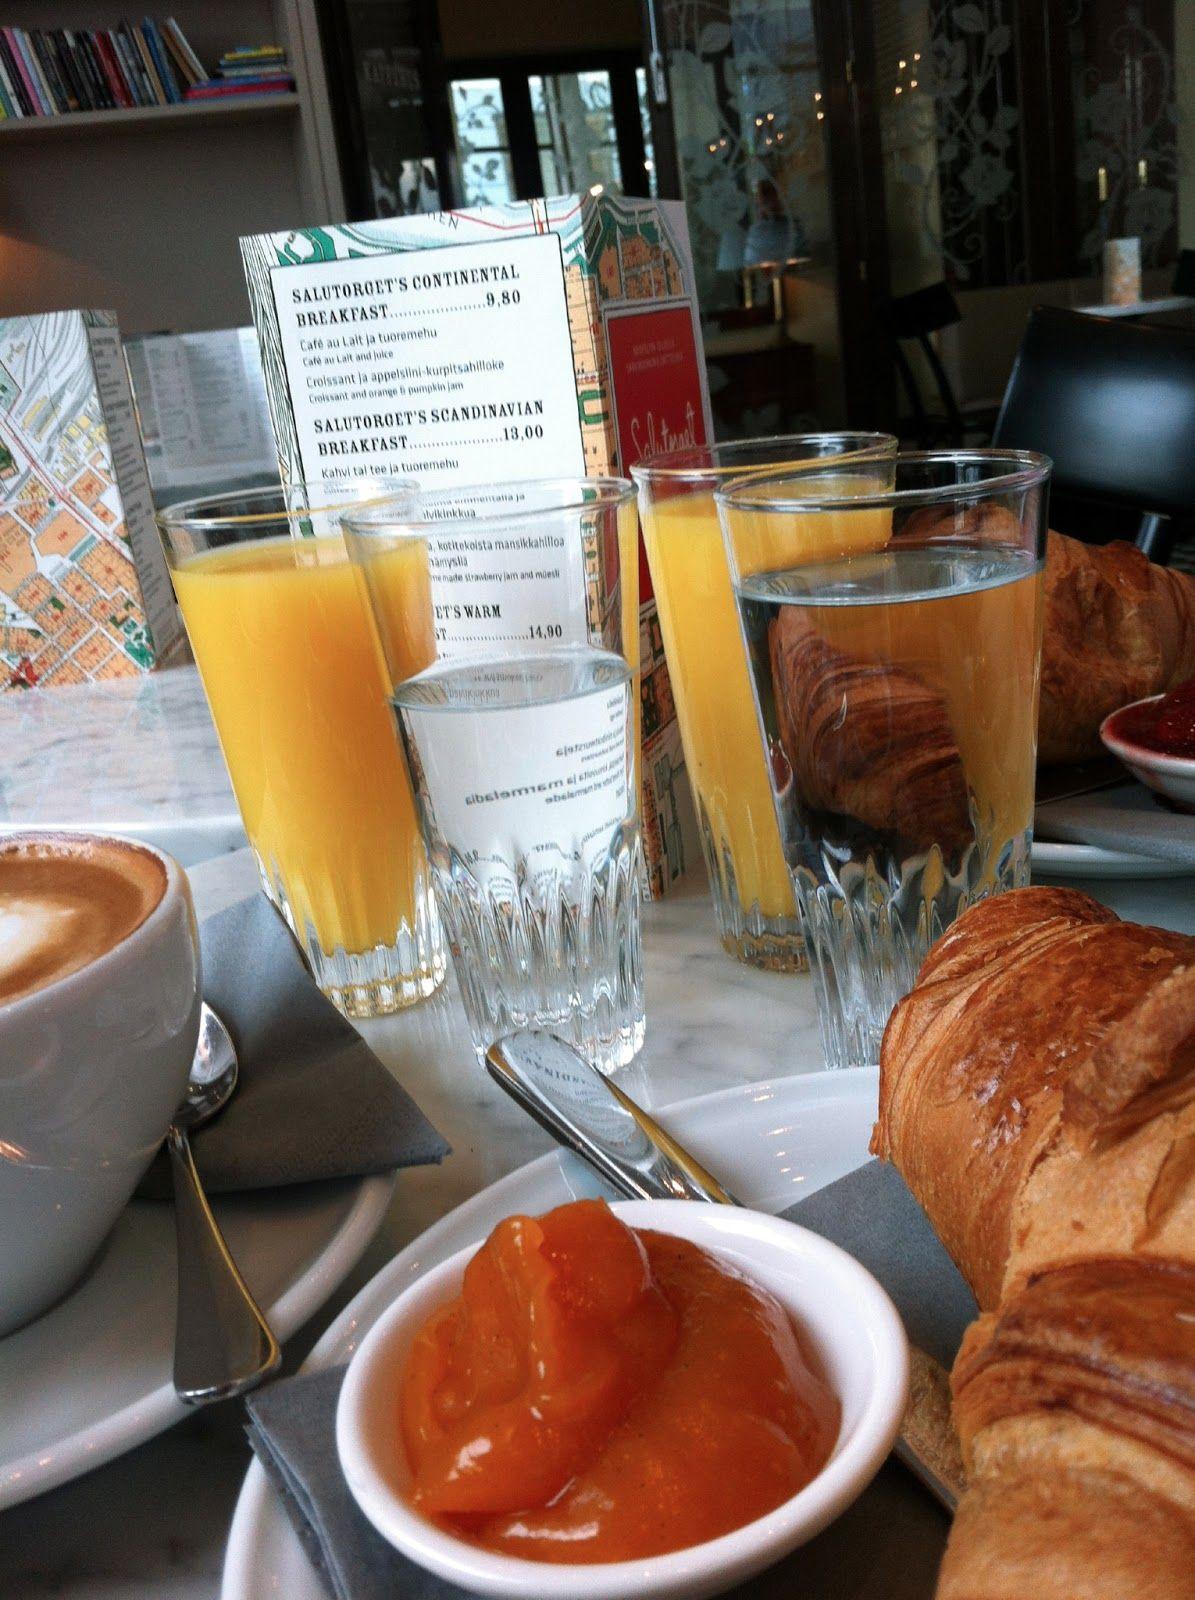 Salutorget, aamiainen